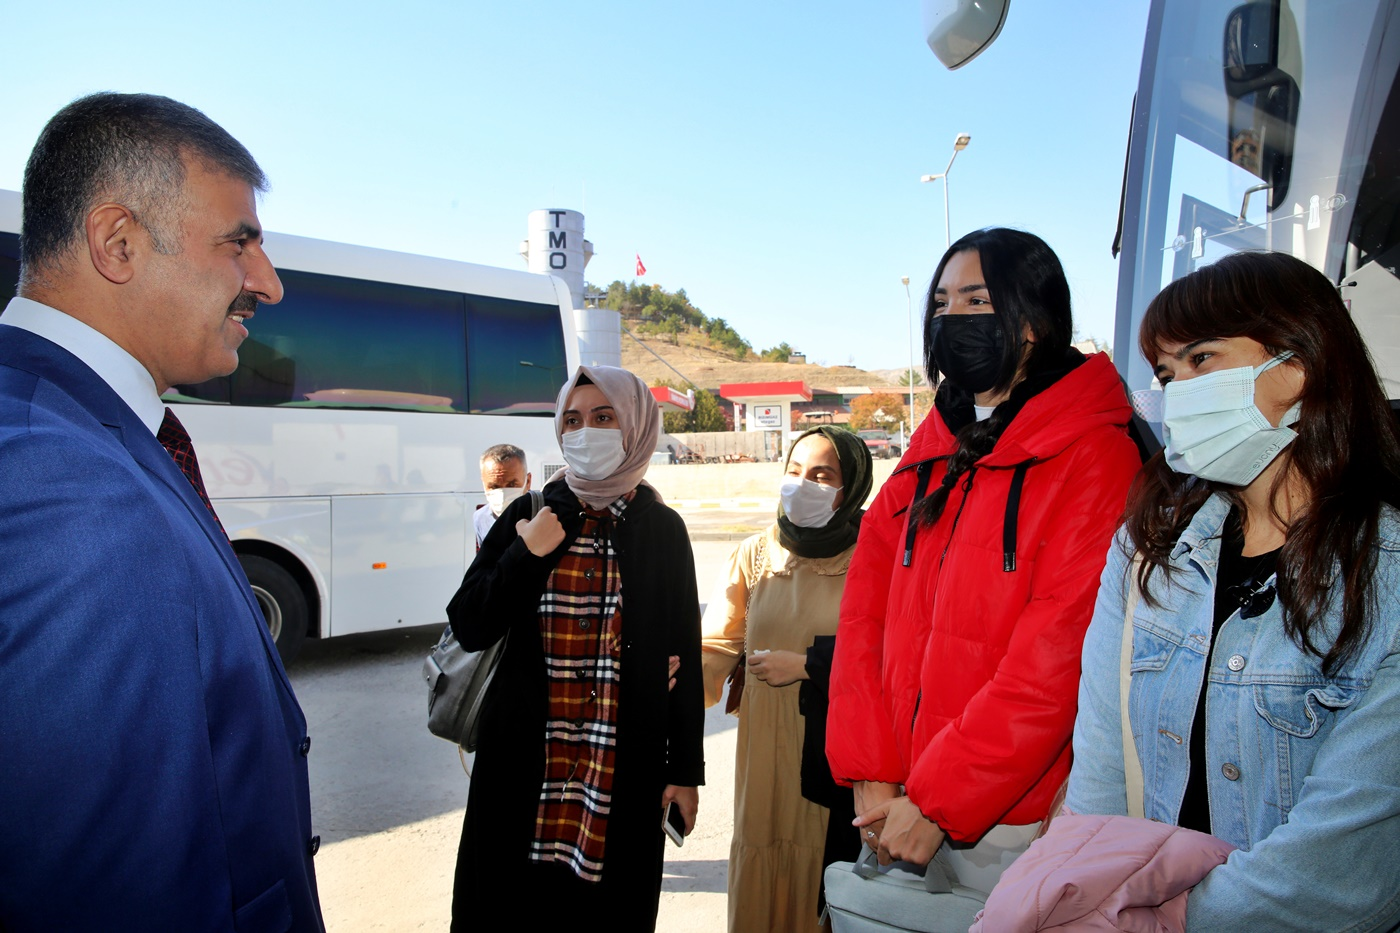 Rektör Çiftçi Öğrencileri Otobüs Terminalinde Karşıladı